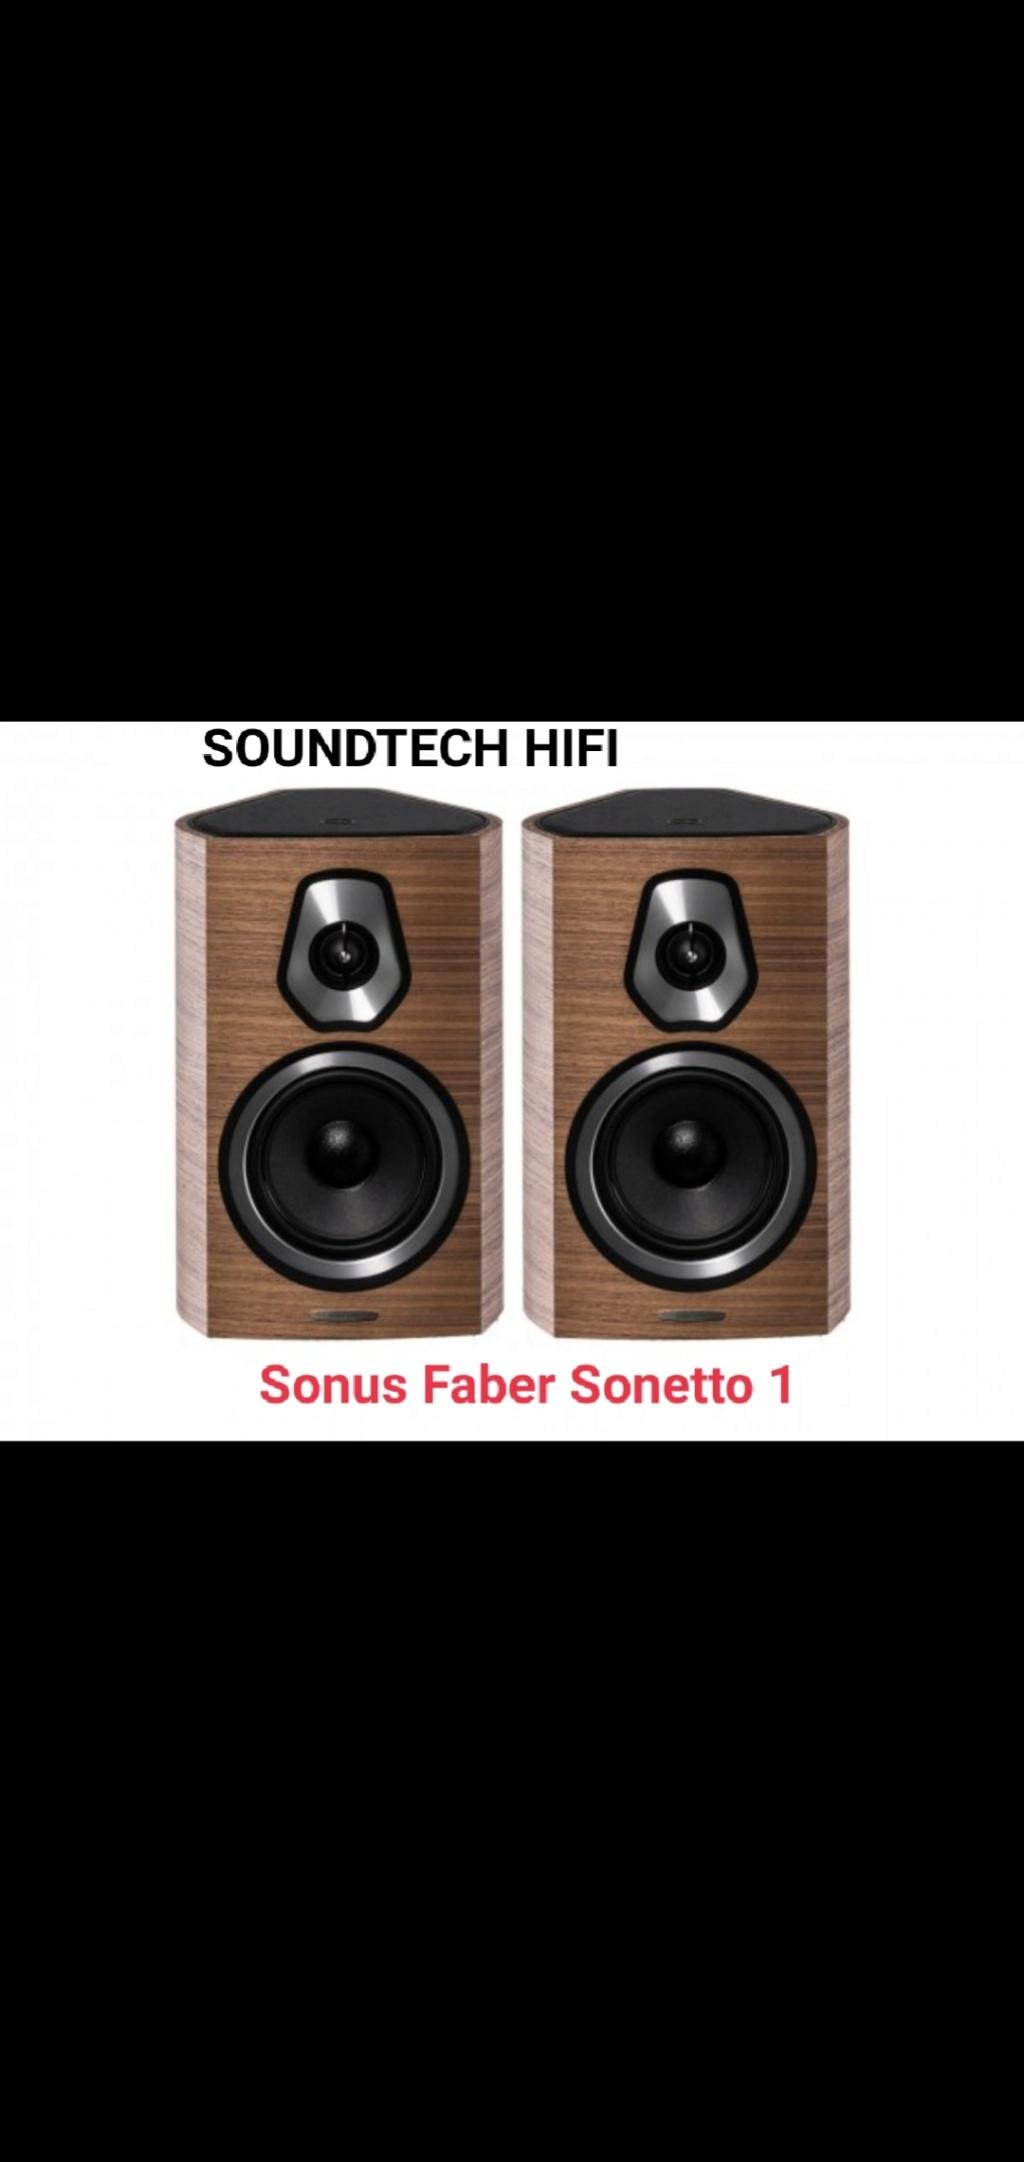 sonus faber sonetto 1 (new in box) Screen10